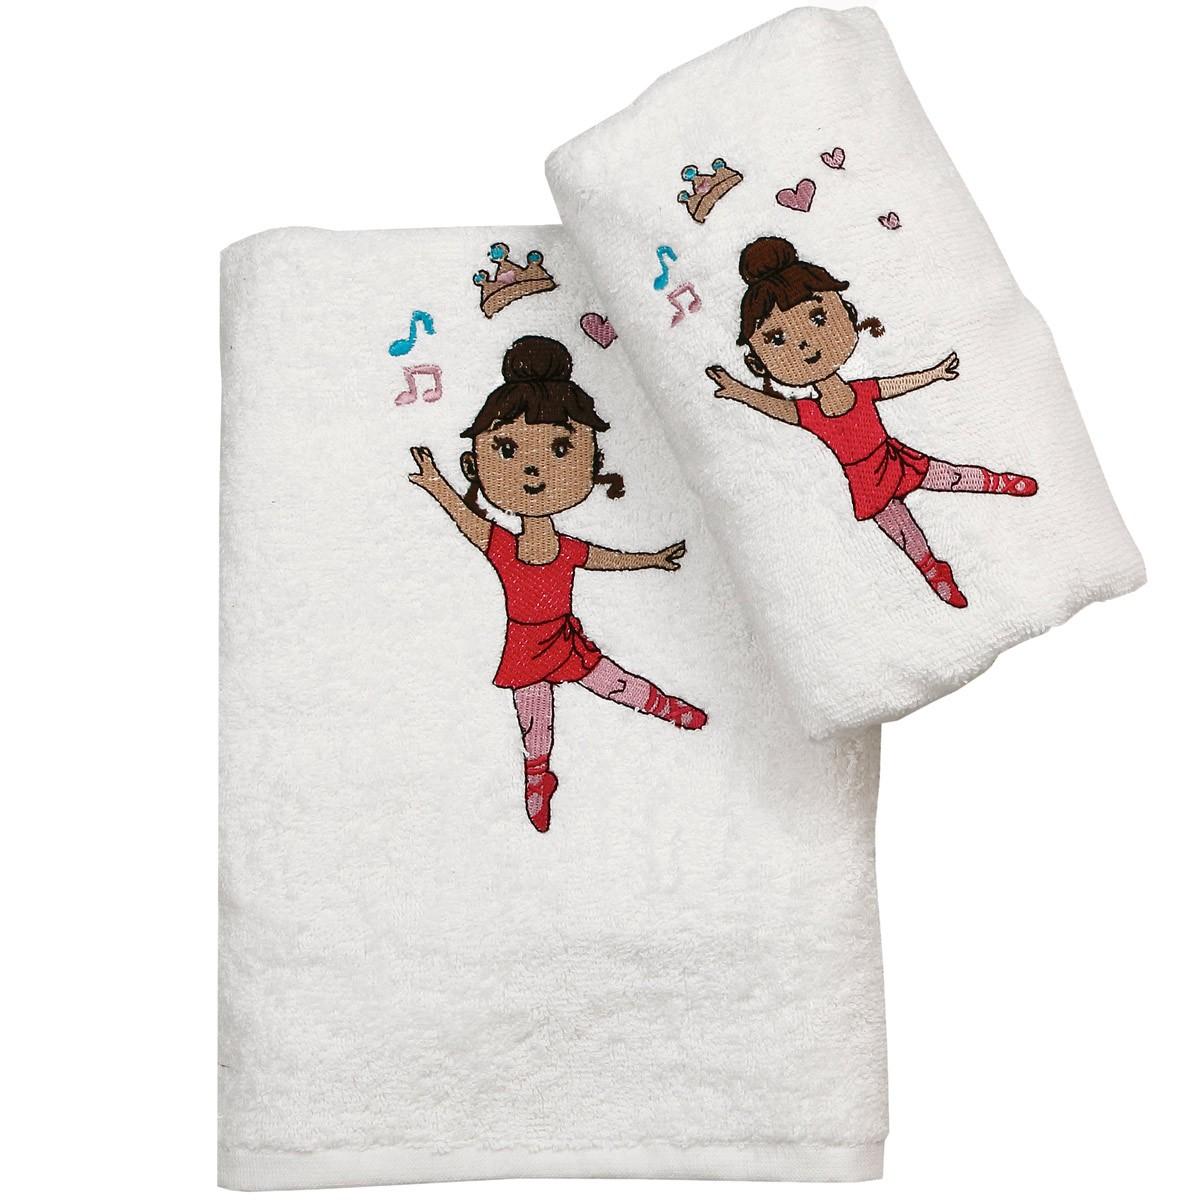 Παιδικές Πετσέτες (Σετ 2τμχ) Viopros Μπαλαρίνα